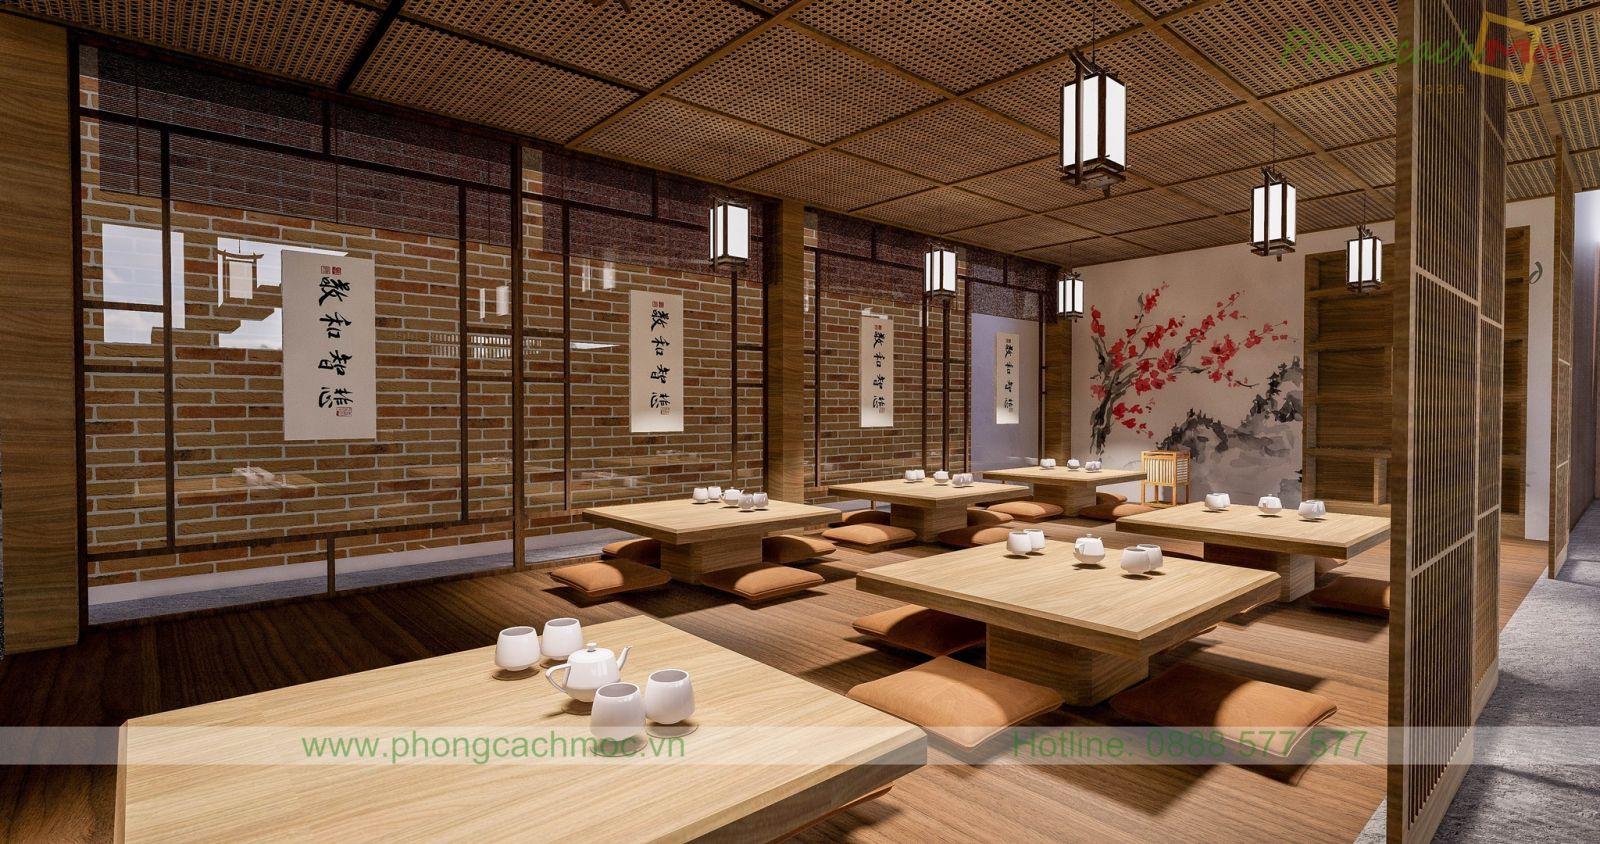 từng góc nhìn tổng thể thiết kế nhà hàng